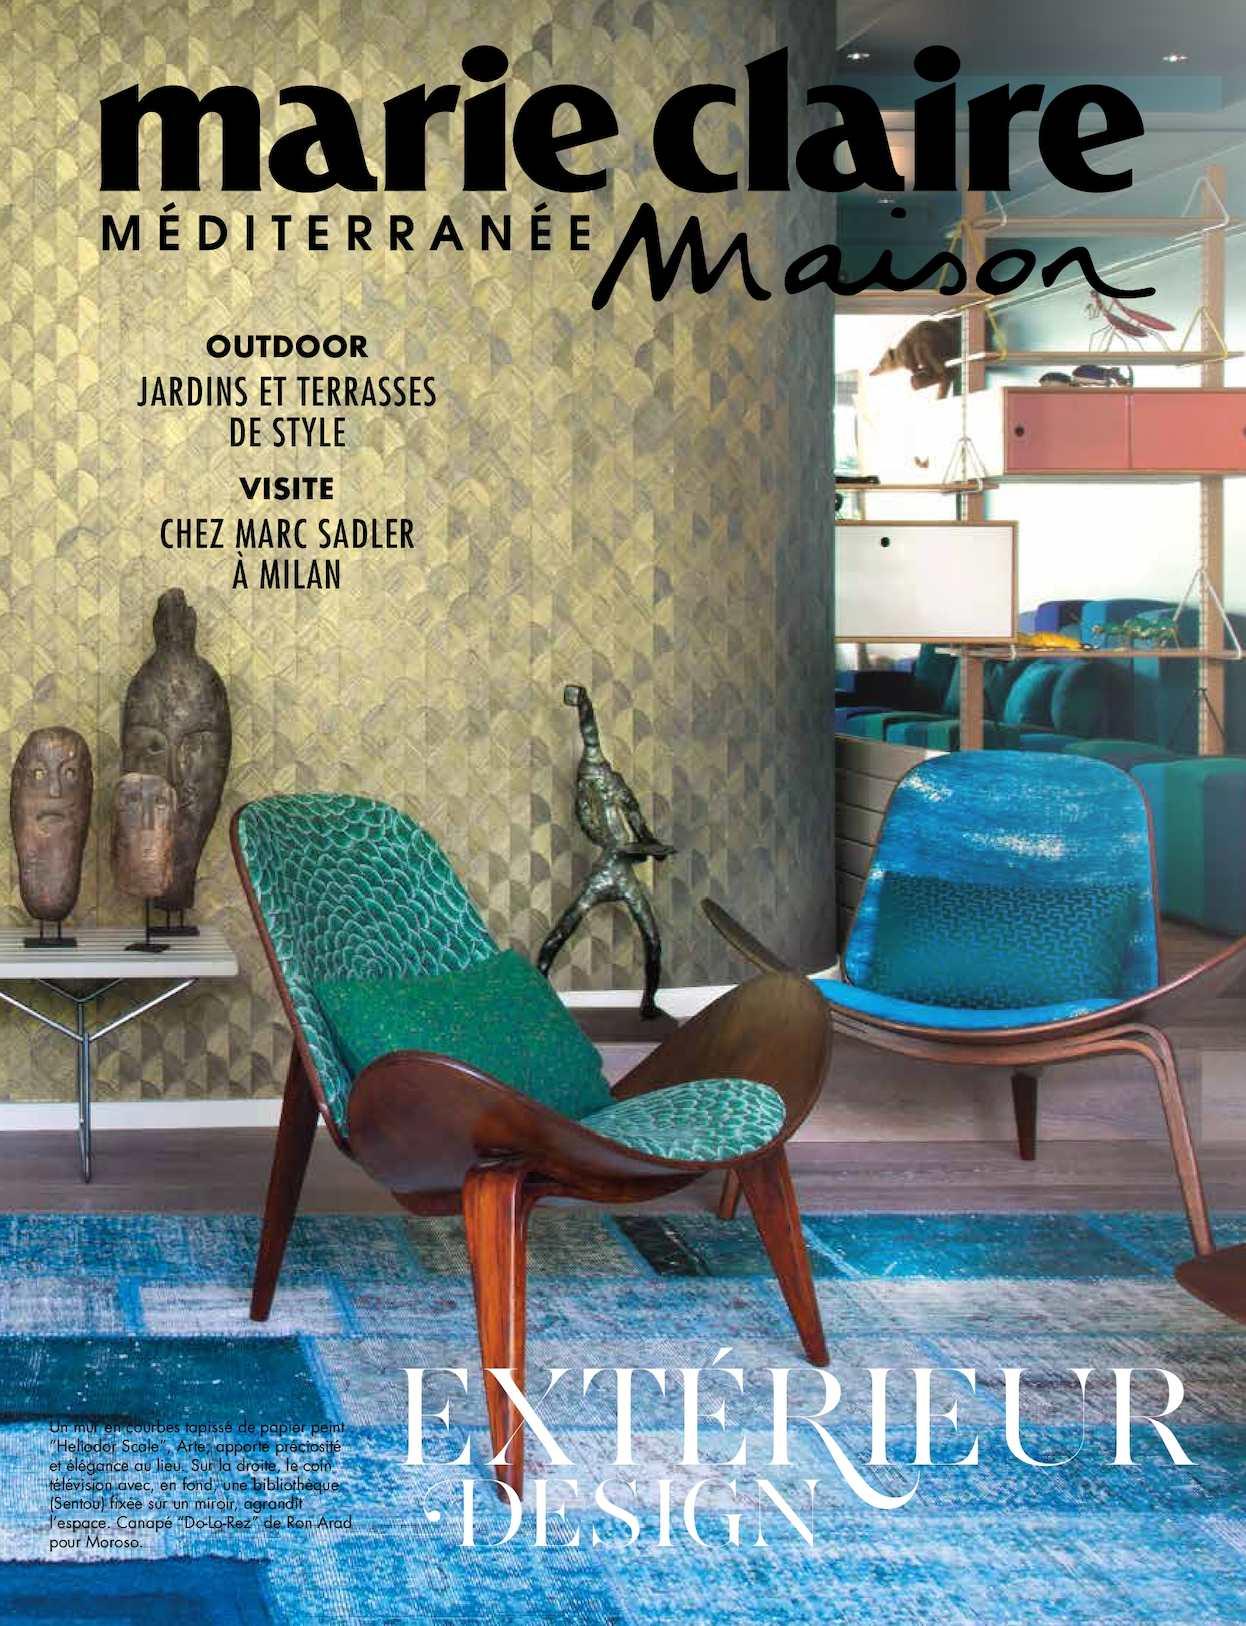 Marie Claire Maison Jardin Recup calaméo - n°485 marie claire maison mai/juin 2016